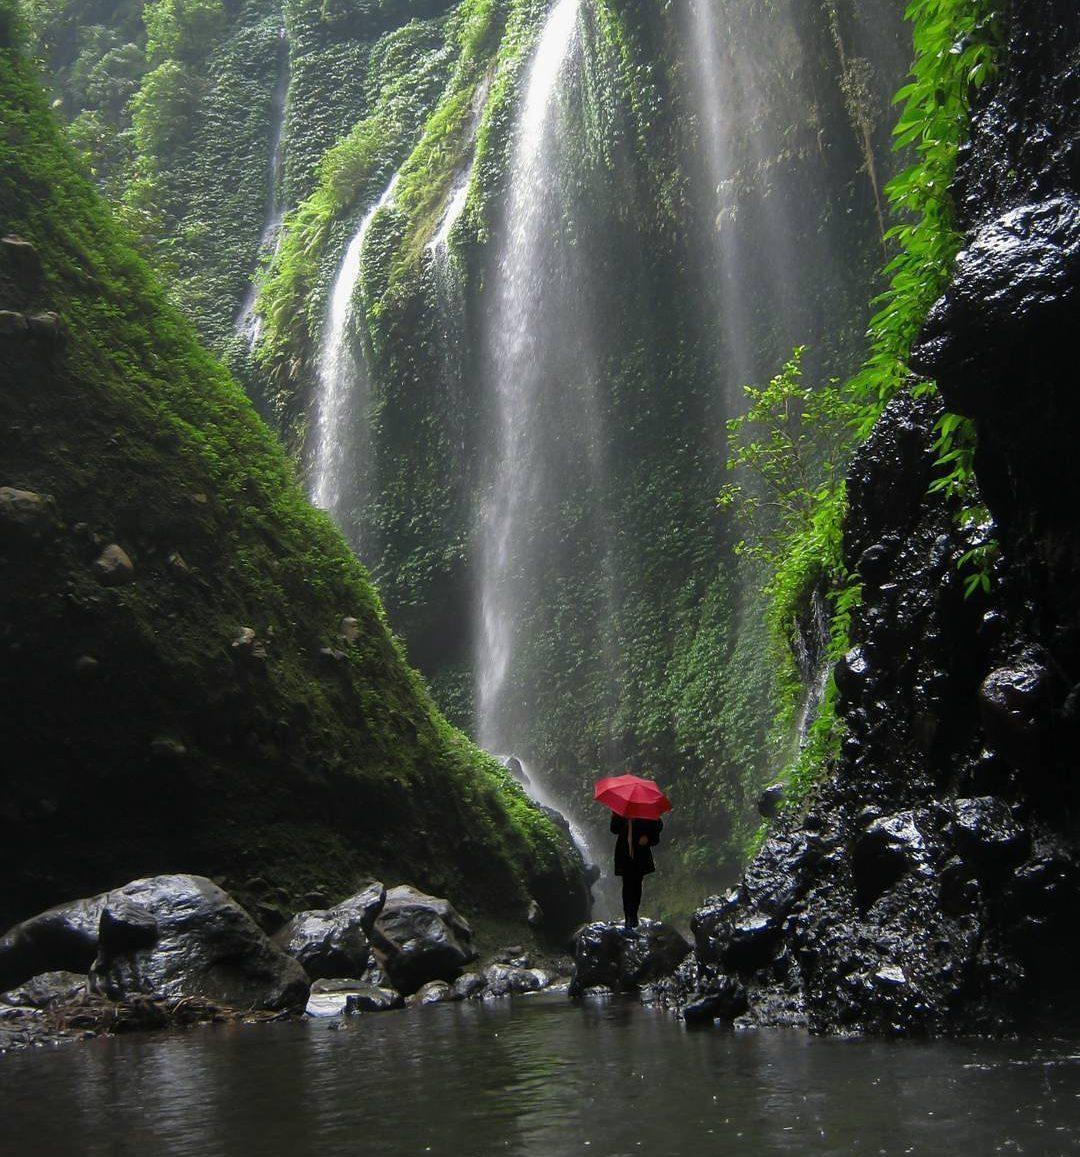 Air Terjun Madakaripura Tawarkan Hujan Abadi Eksotis Taman Hutan Kab